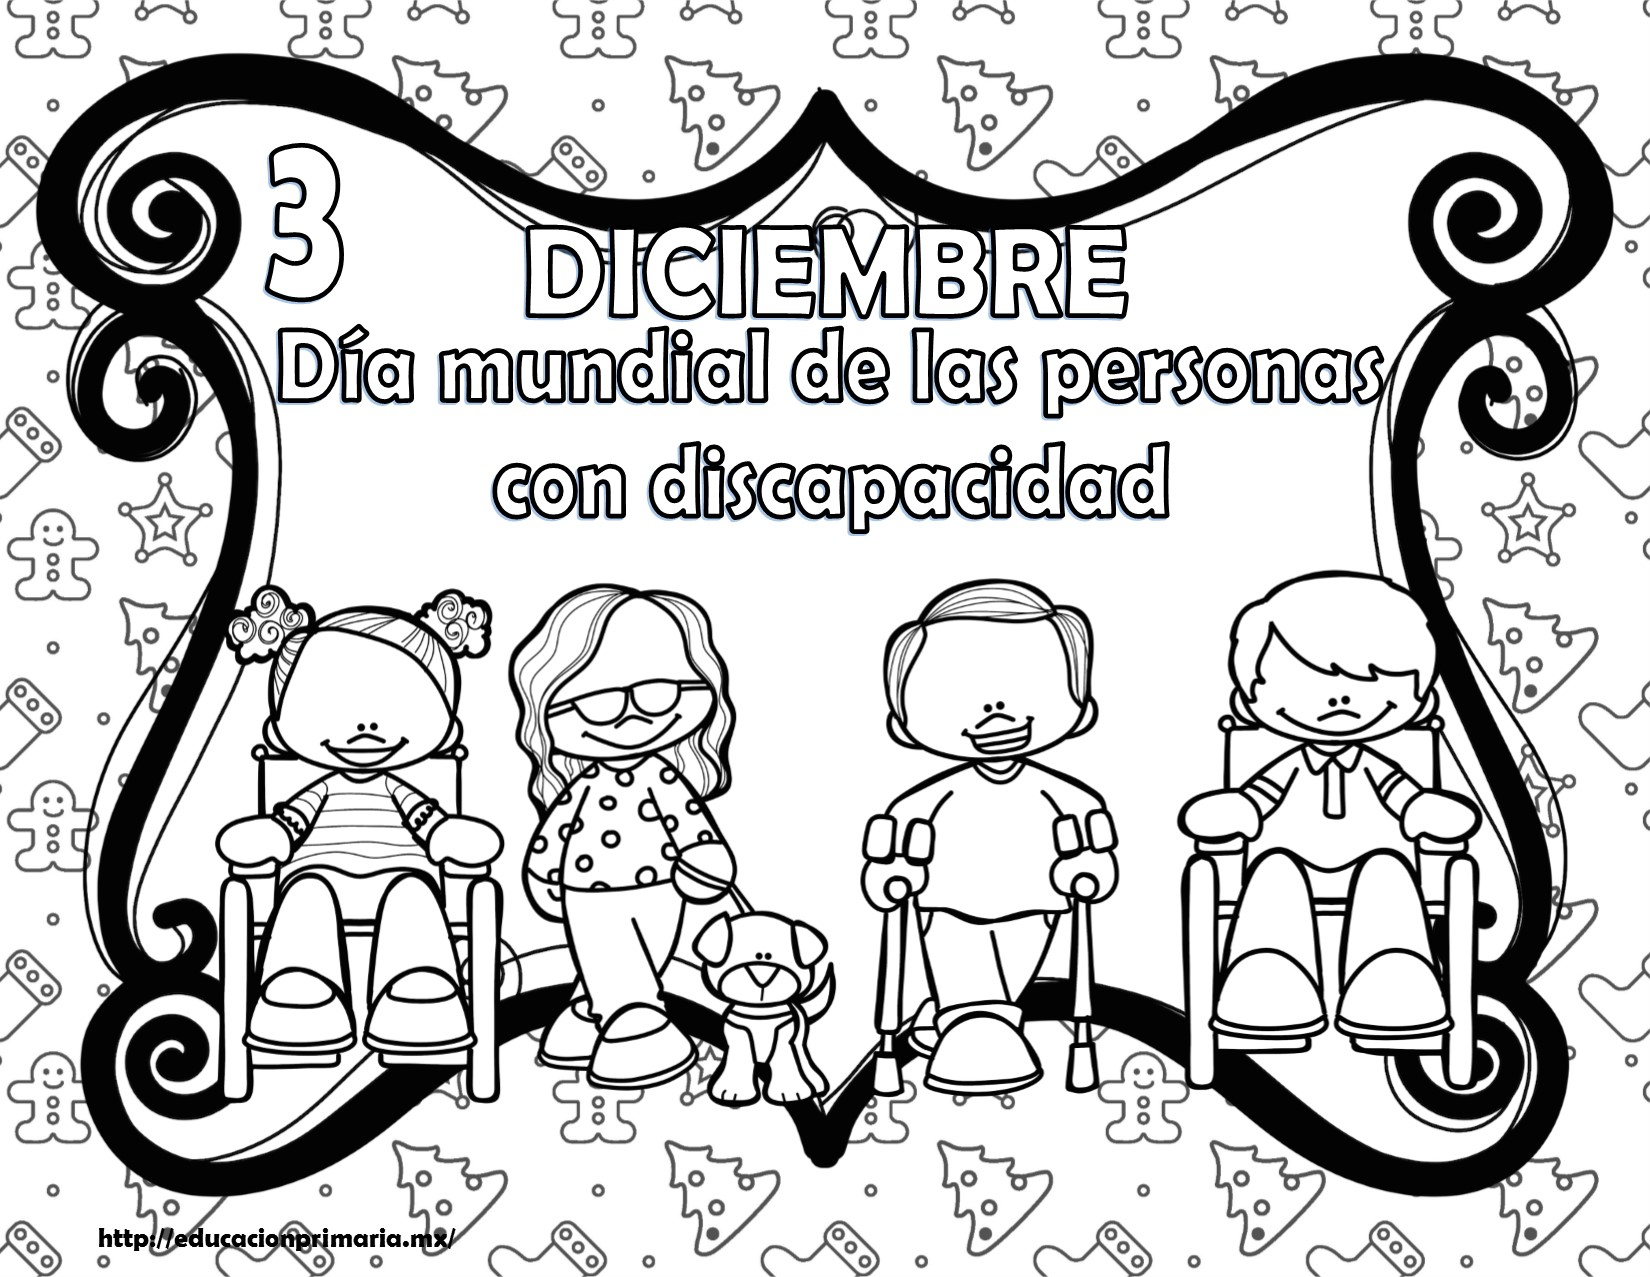 Estupendos diseños de las efemérides del mes de diciembre en blanco ...